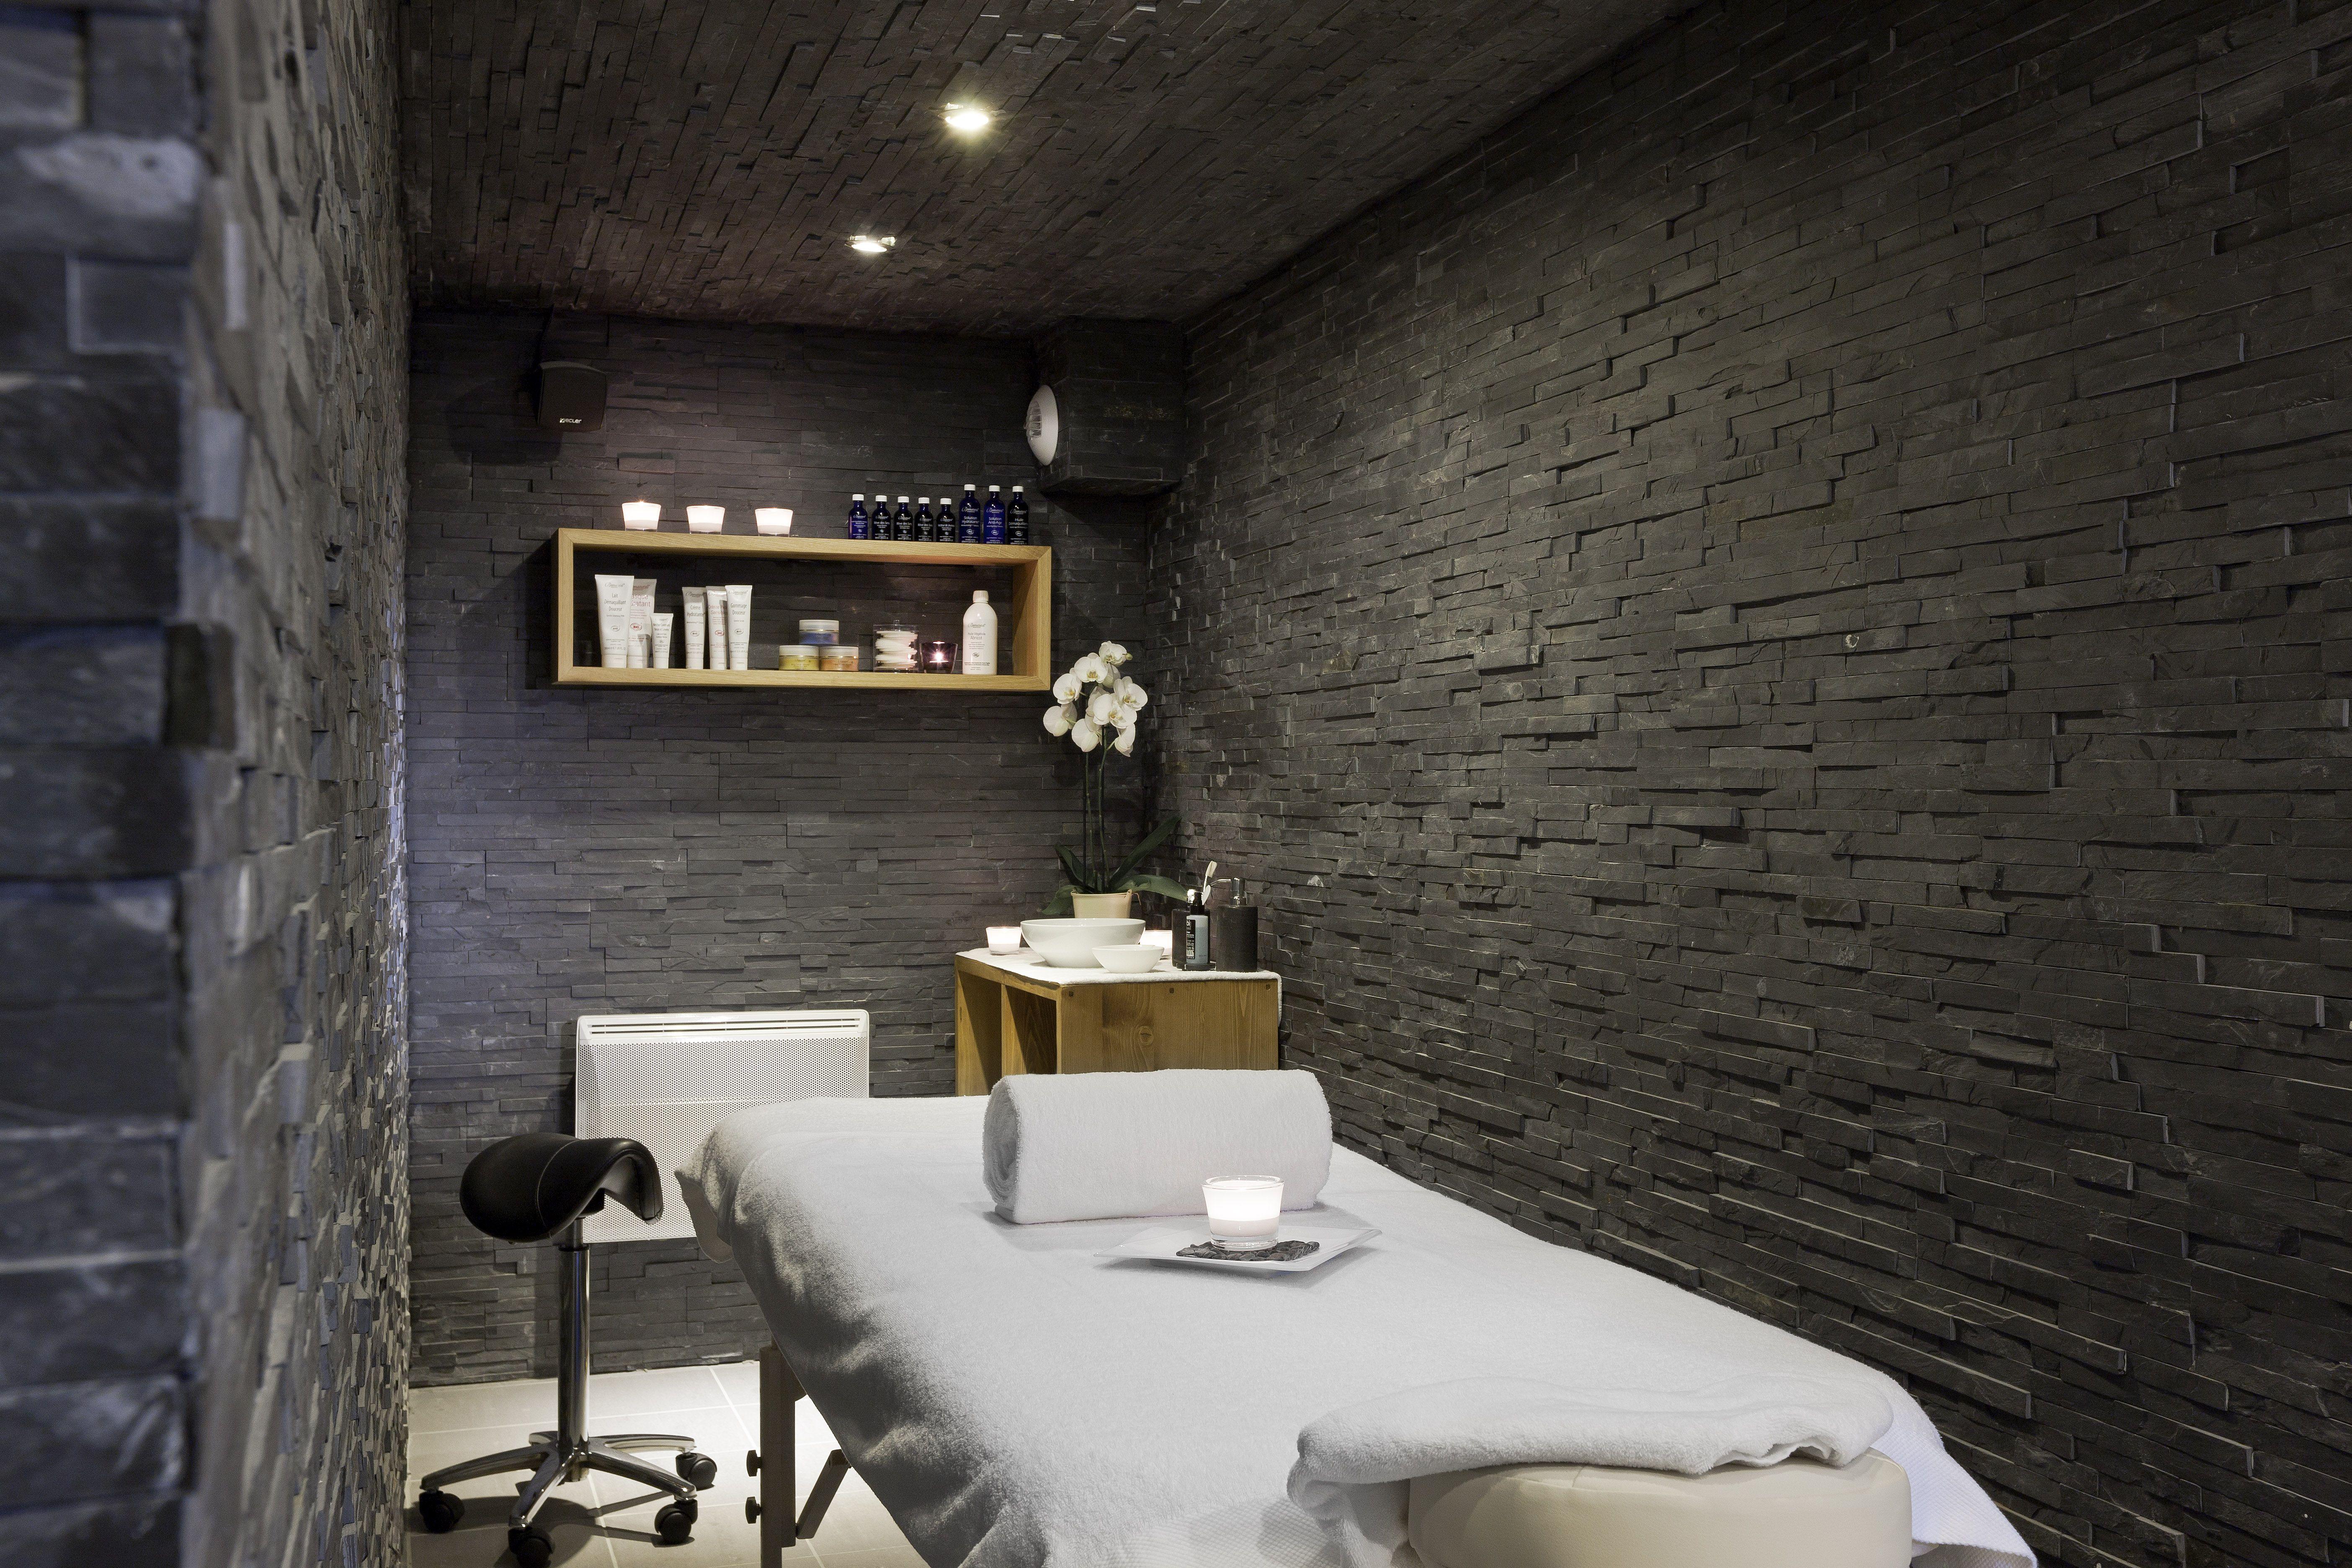 Spa cabine de soin treatment room spa pinterest spa cabine et institut de beaut - Salon de soins esthetiques ...